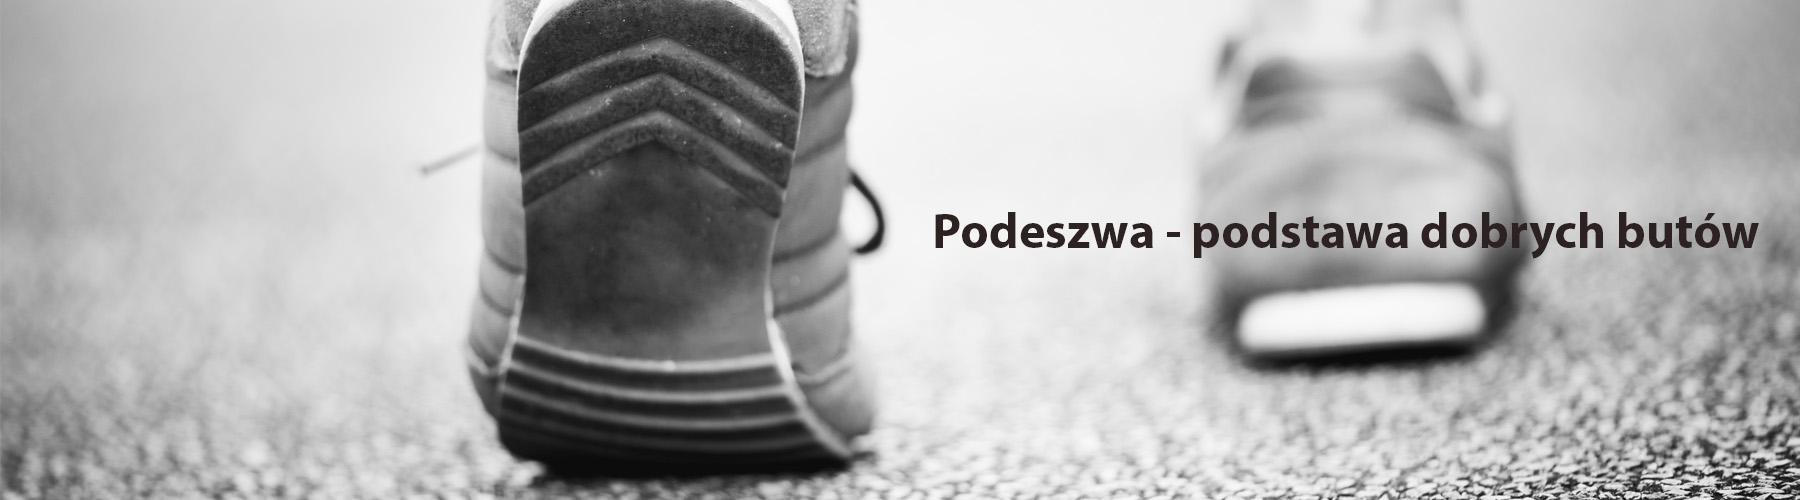 Podeszwa podstawa dobrych butów | Internetowa Hurtownia